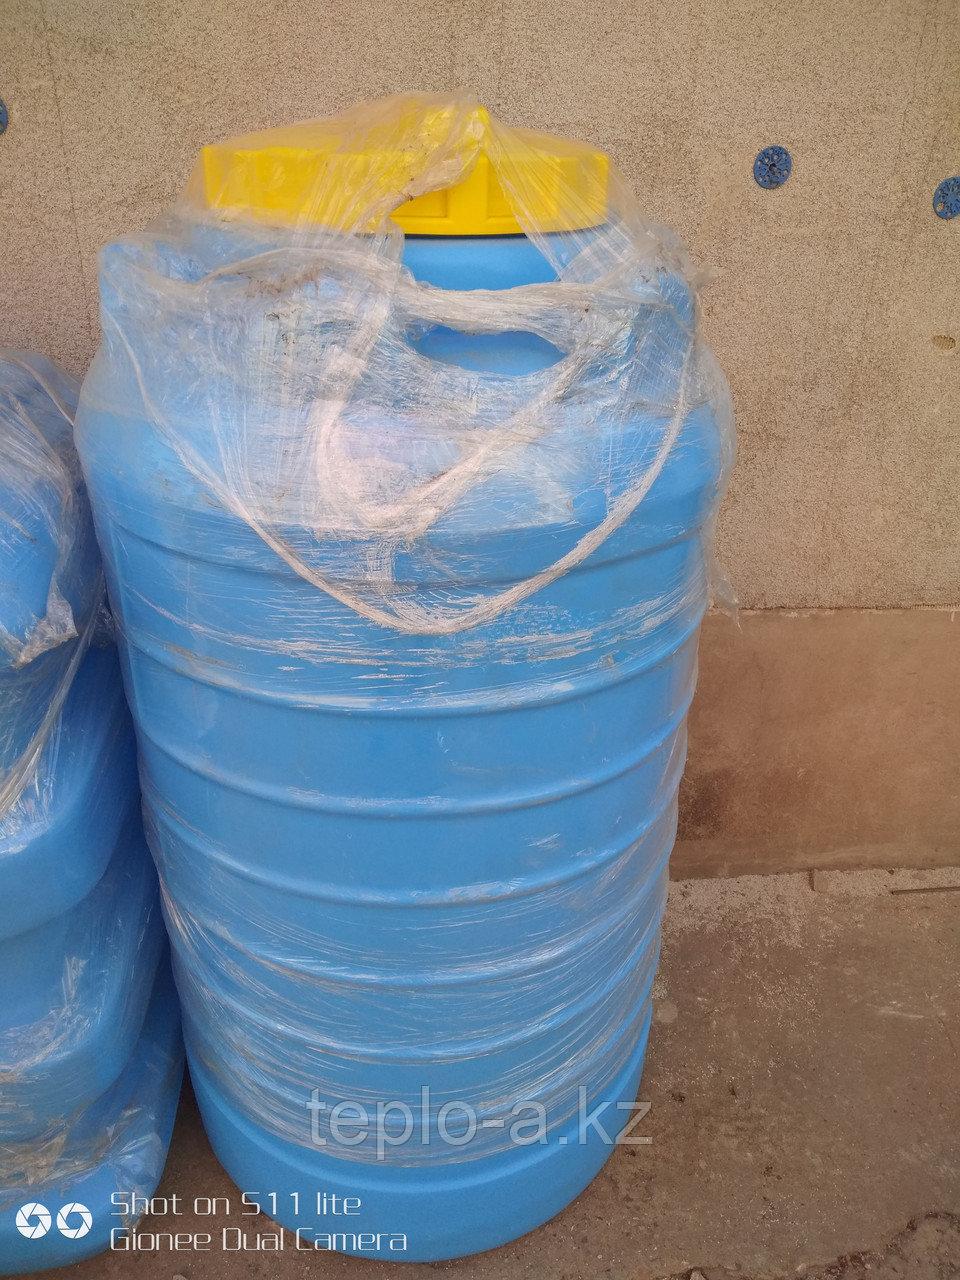 Емкость для воды  500 л. Алматы,Резервуар ,бочка.